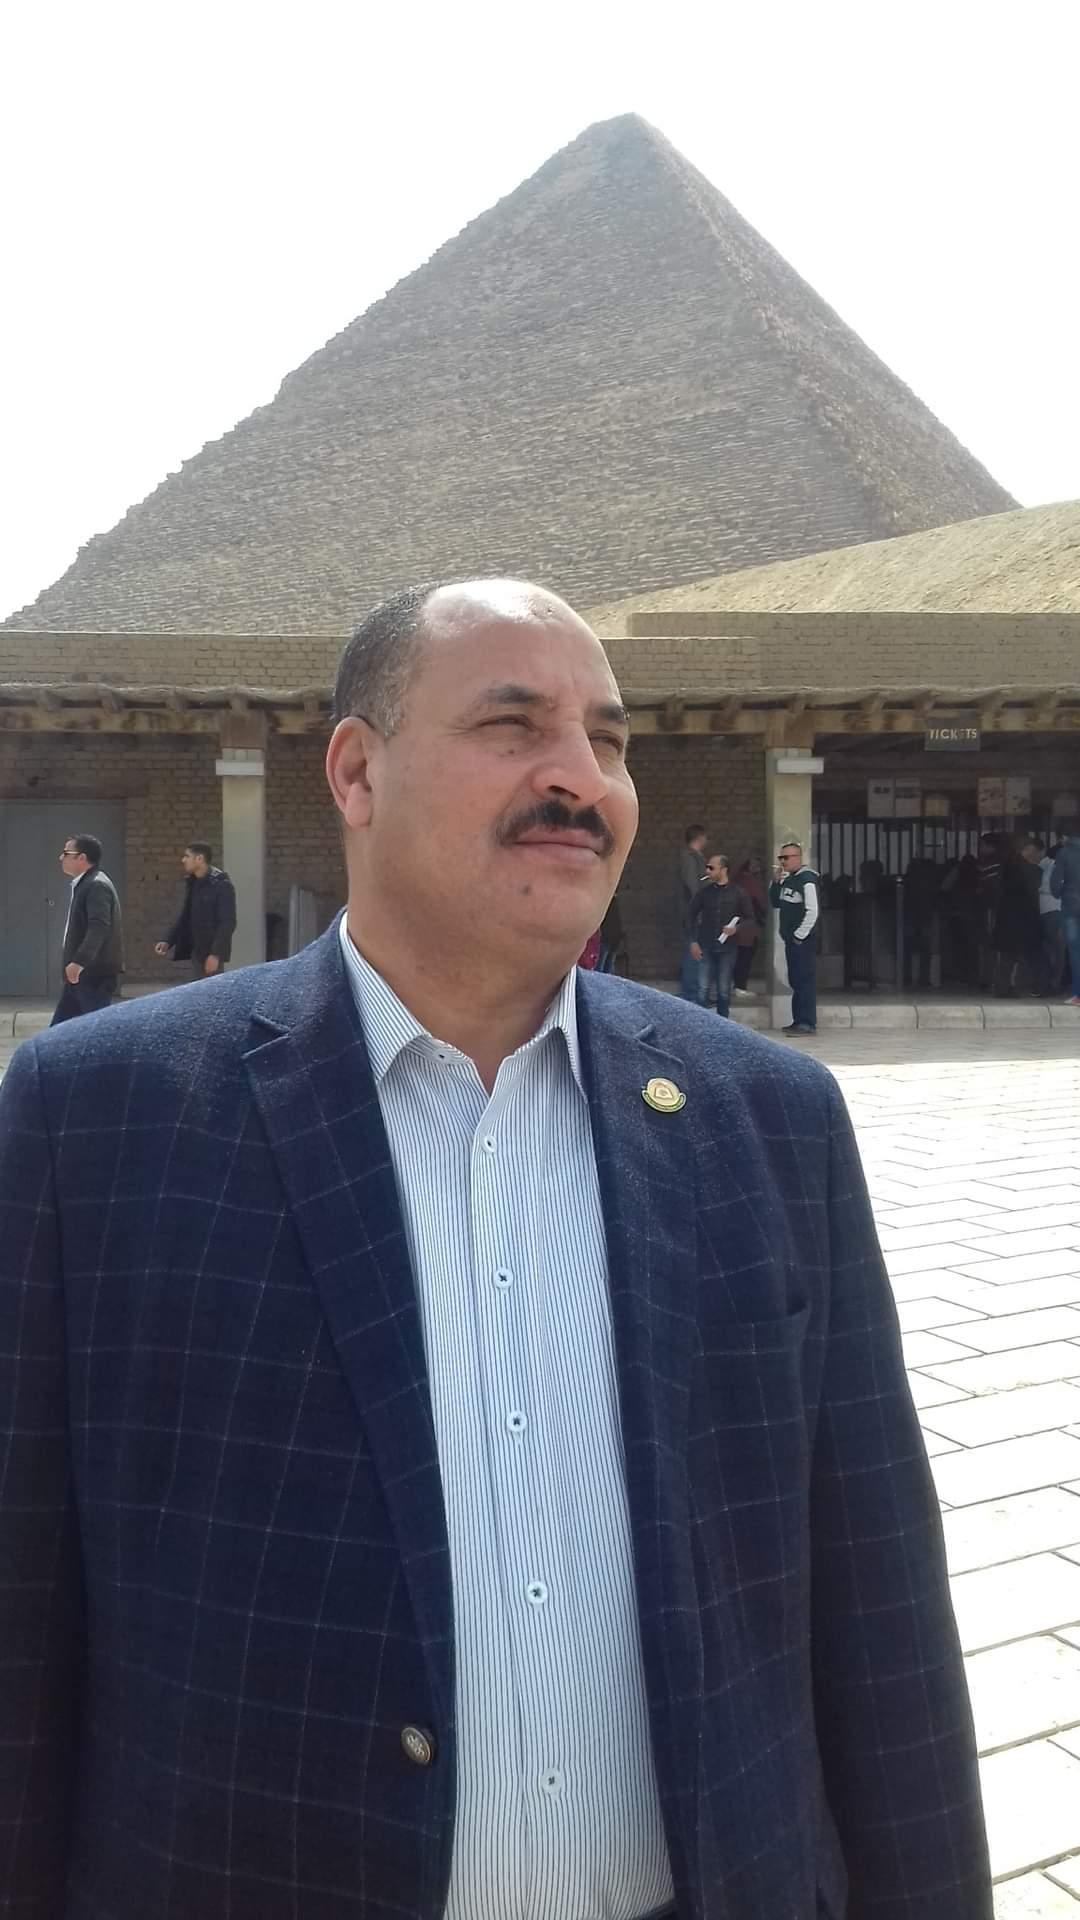 أسرة التحرير تتقدم بالشكروالتقدير الى وزير التنمية المحلية